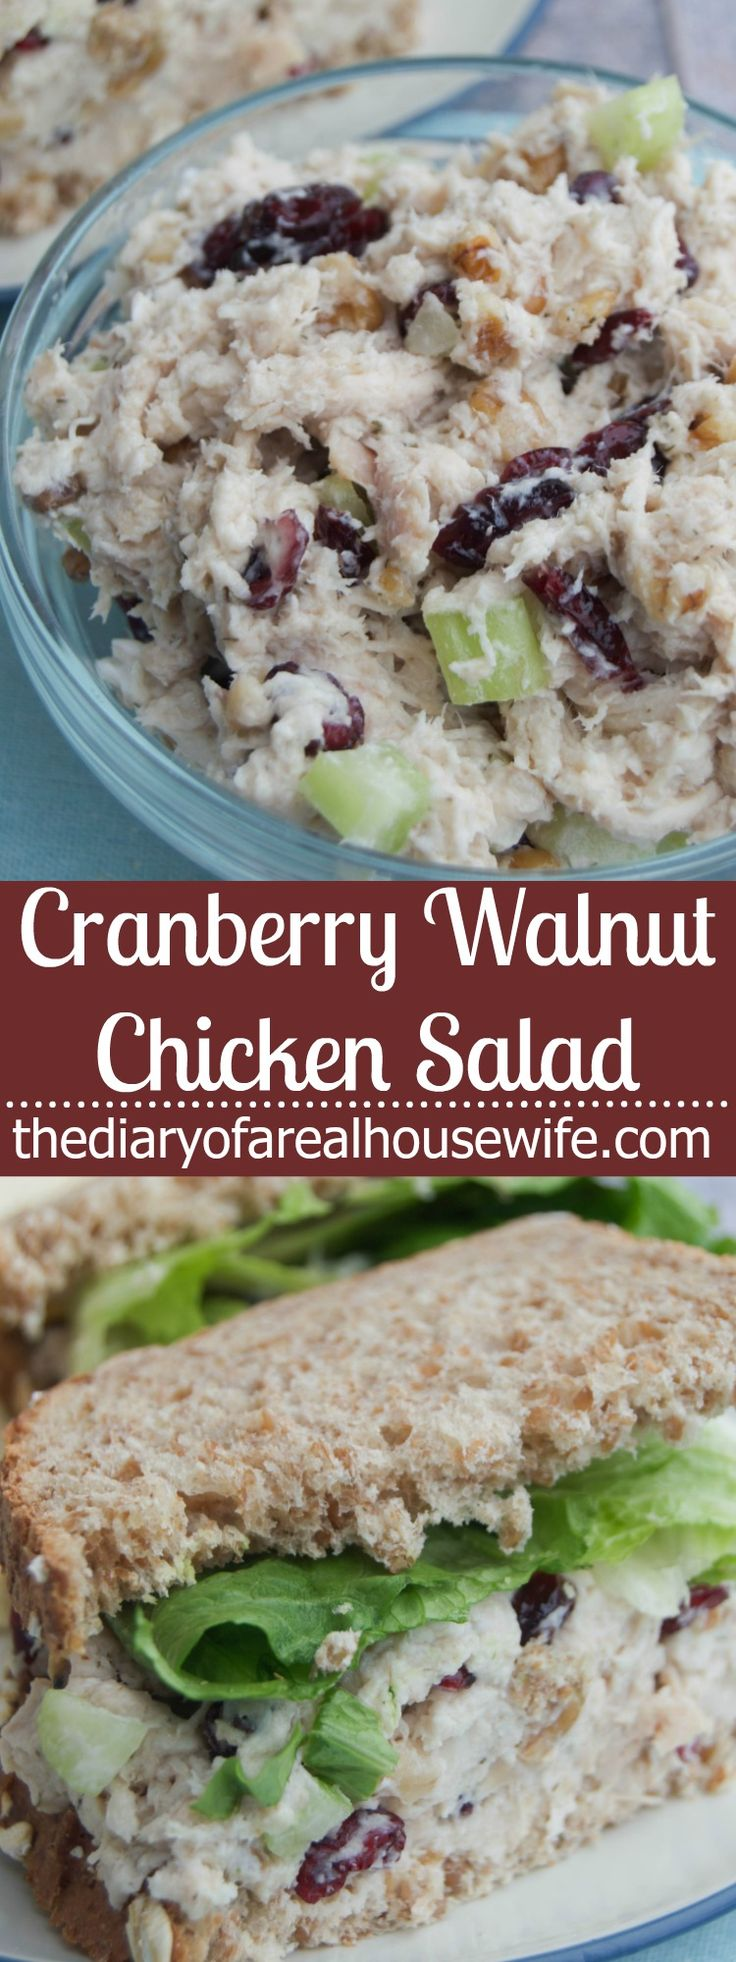 The 25+ best Cranberry walnut chicken salad ideas on ...